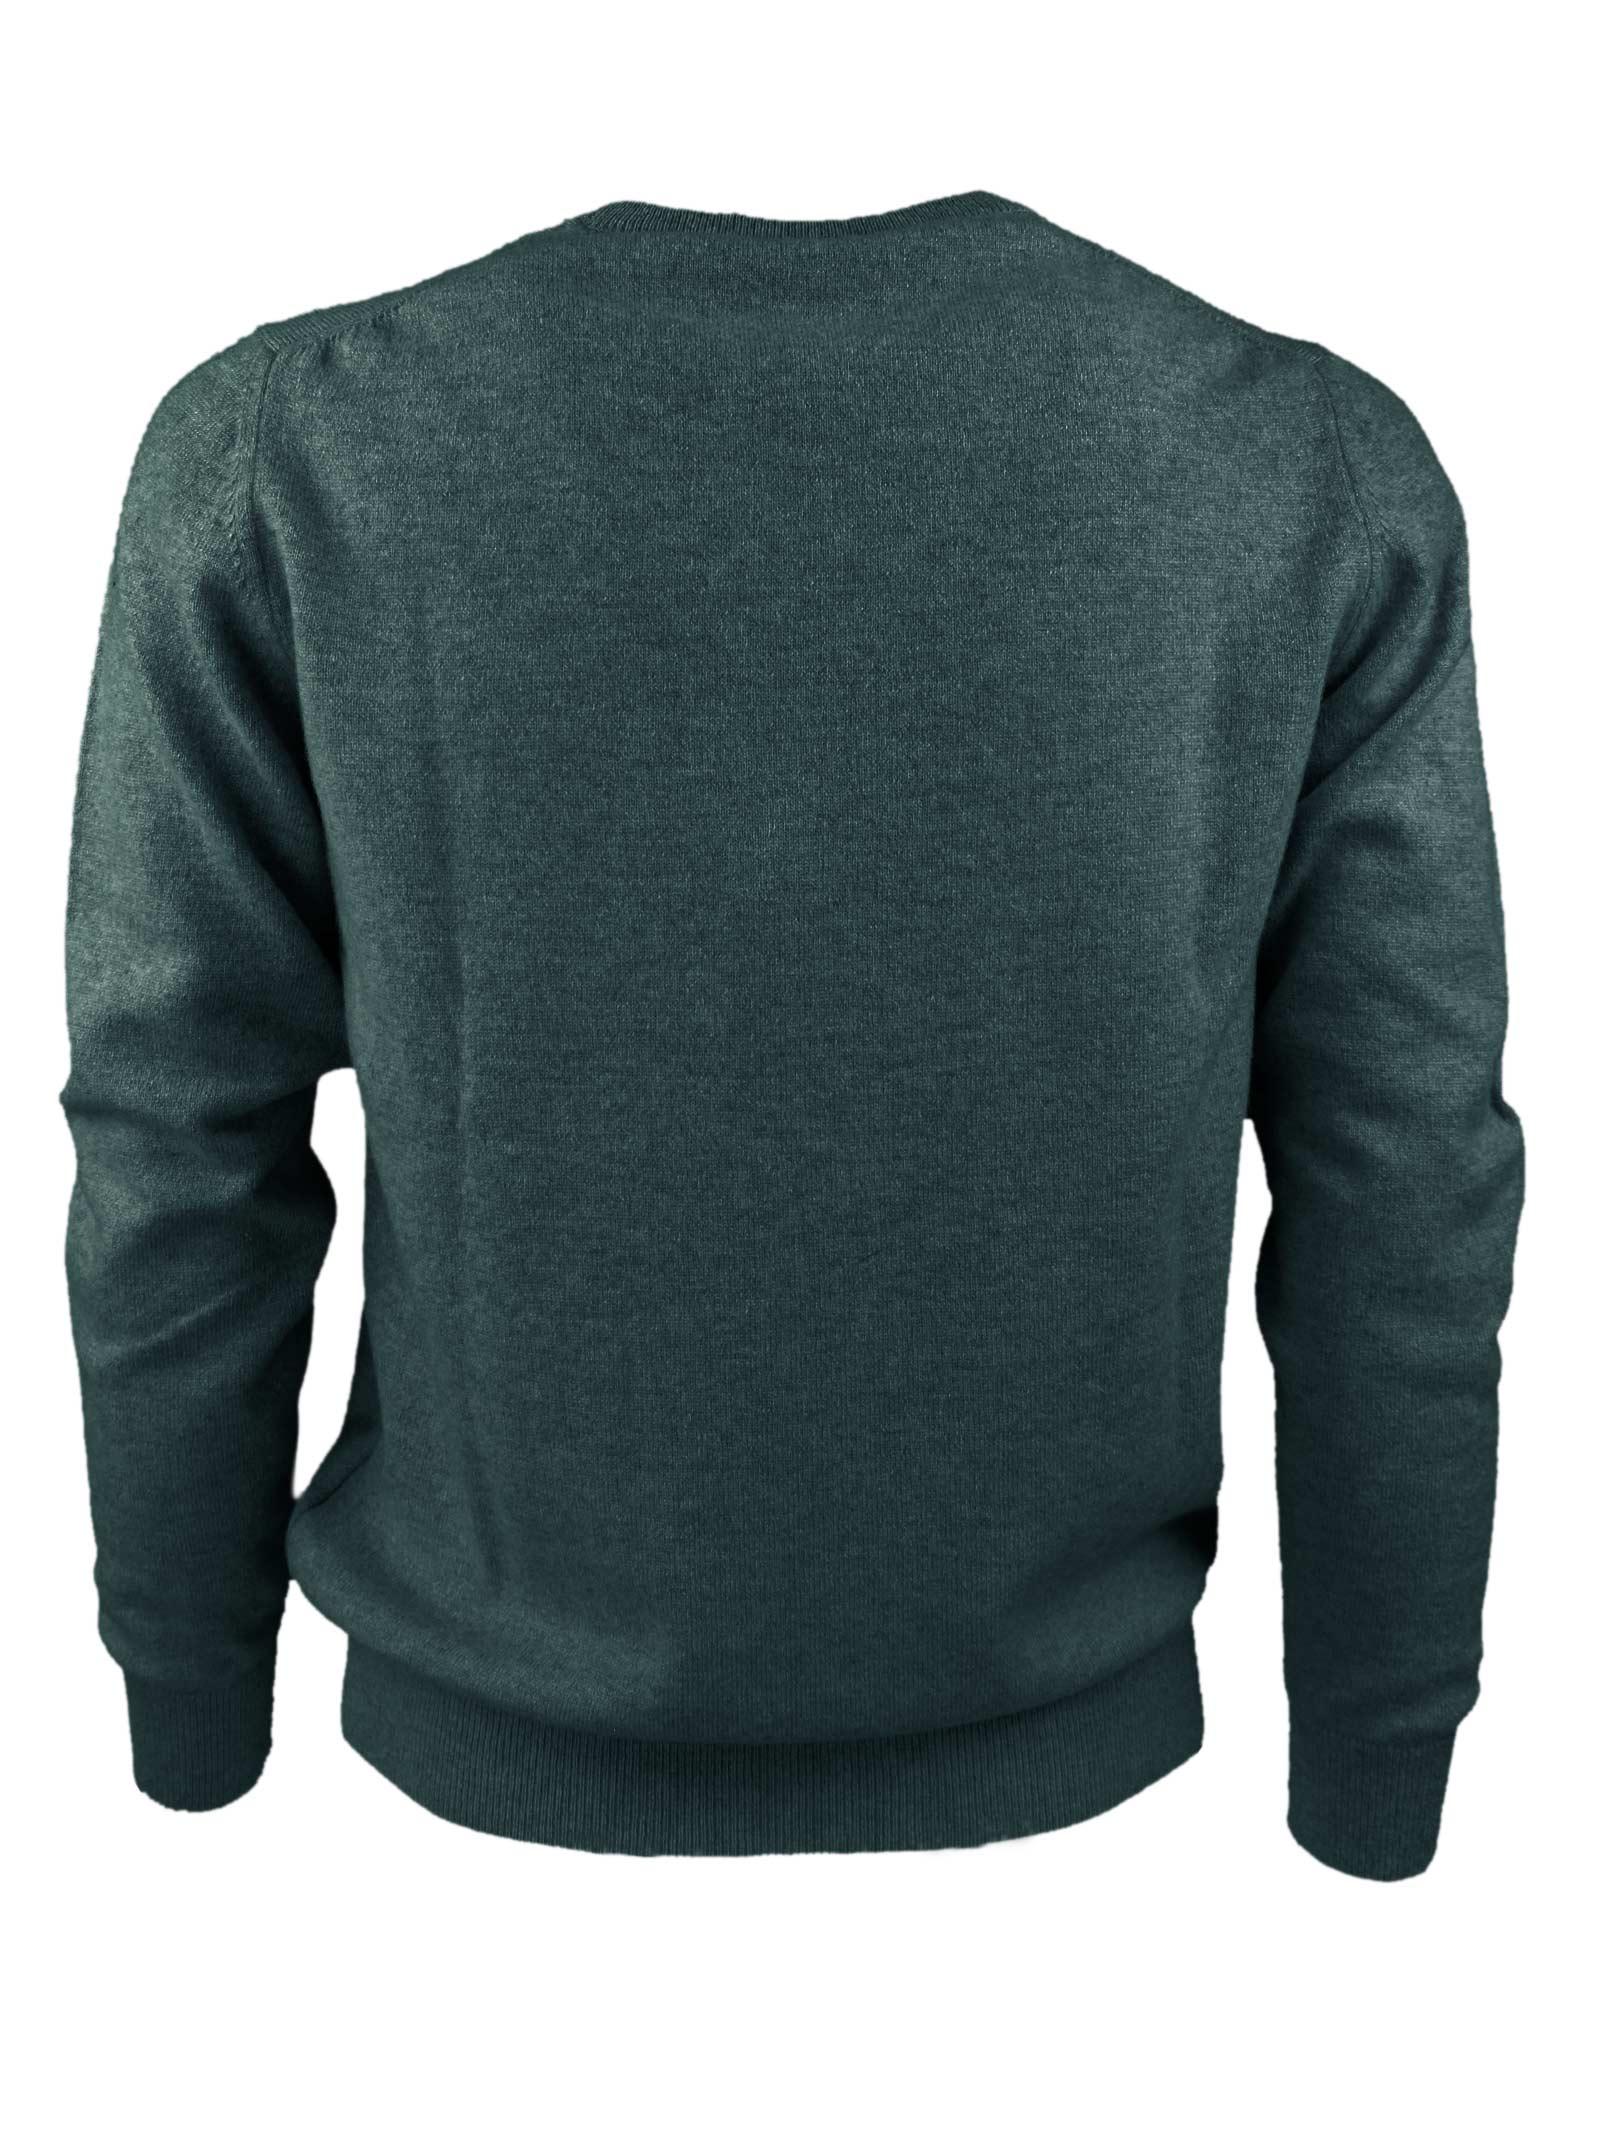 H953   Knitwear   339525